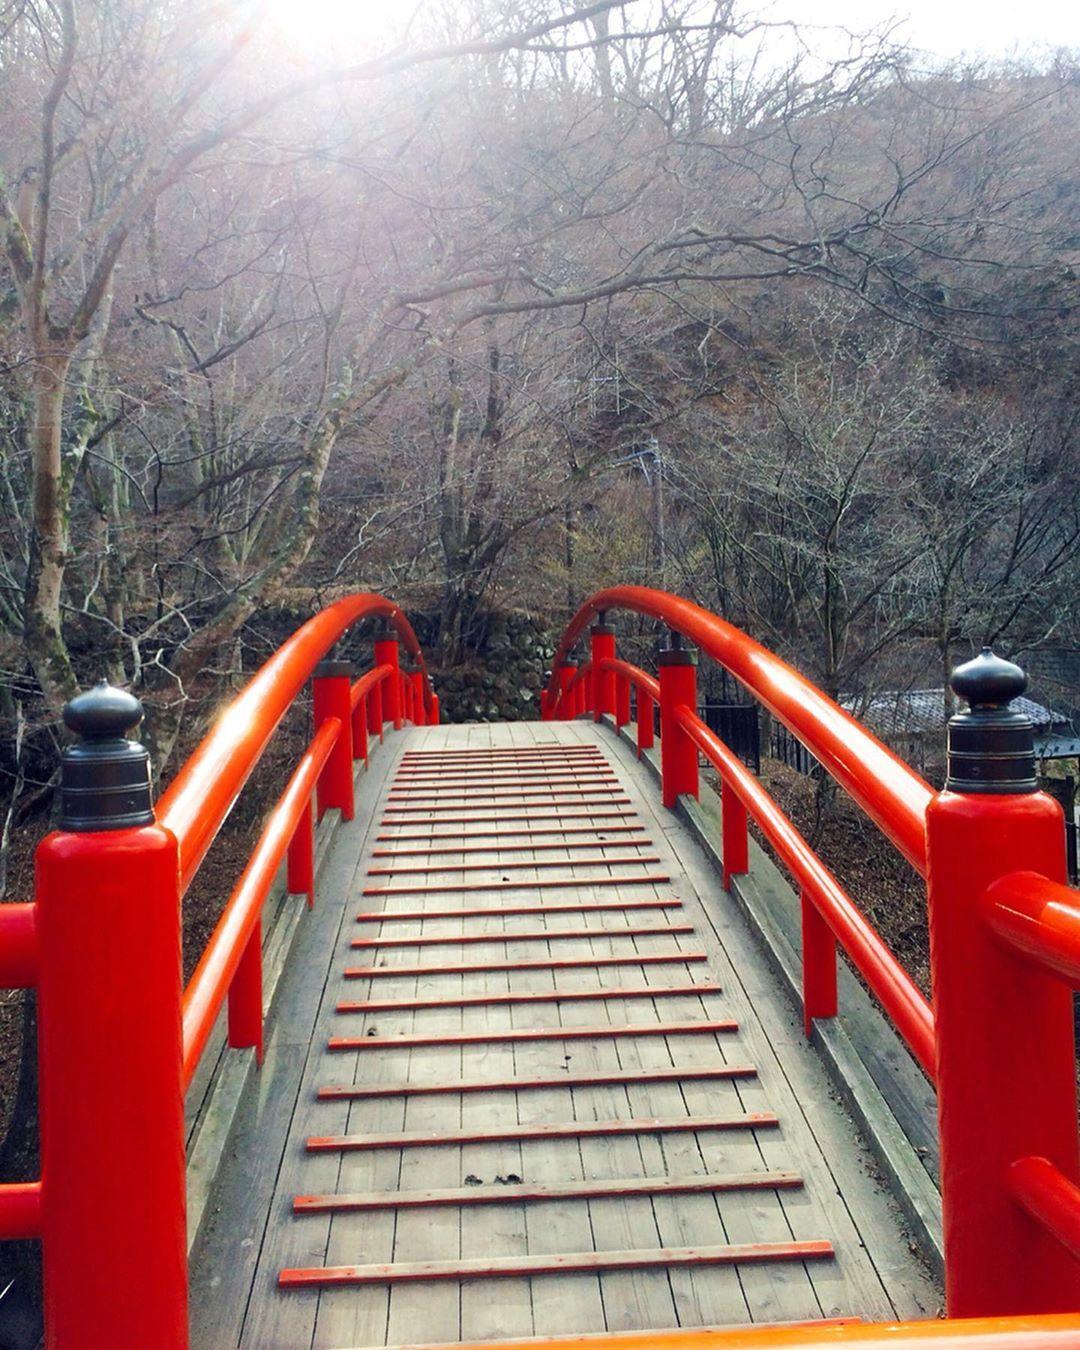 伊香保温泉続き ポスト忘れてました 伊香保温泉の石段街の近くにある 河鹿橋 はジブリの 千と千尋の神隠し のモデルになった橋です 情緒あってステキでした 紅葉の時期とかかなりステキでしたよ 石段街はとにかく階段数が多くて大 Instagram